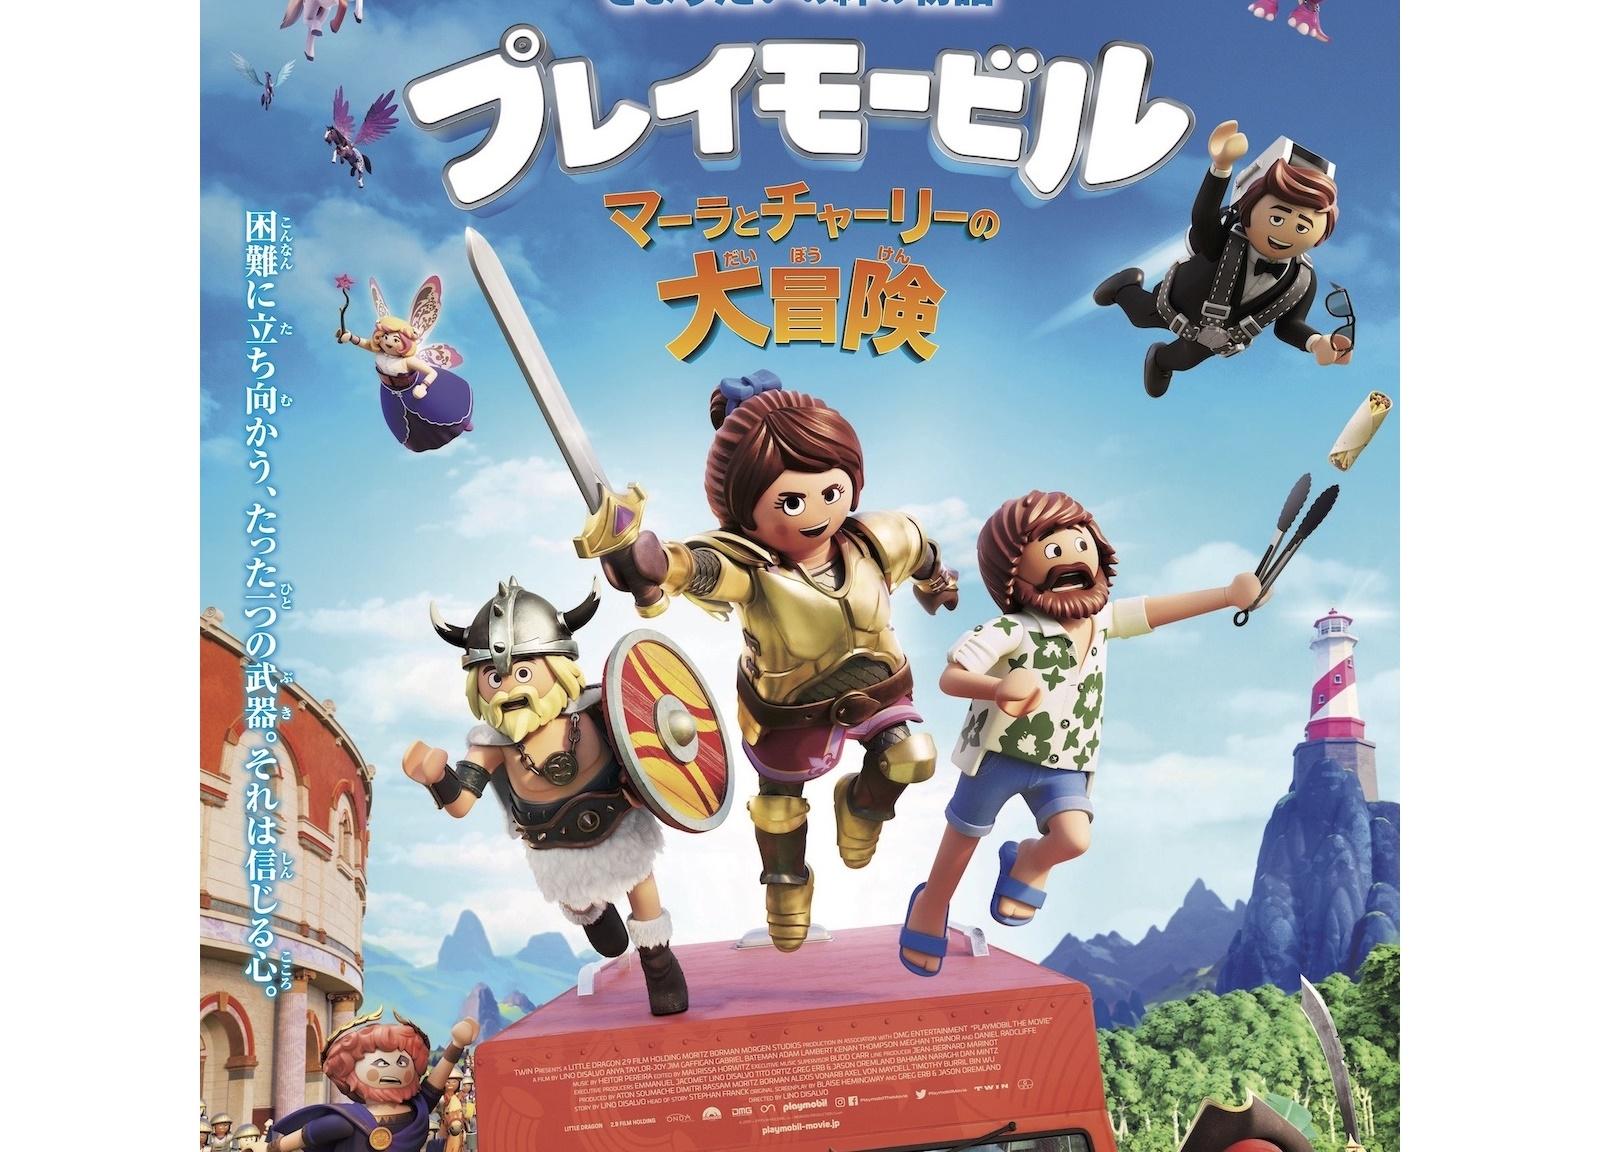 『プレイモービル マーラとチャーリーの大冒険』7/3公開|ポスタービジュアル解禁